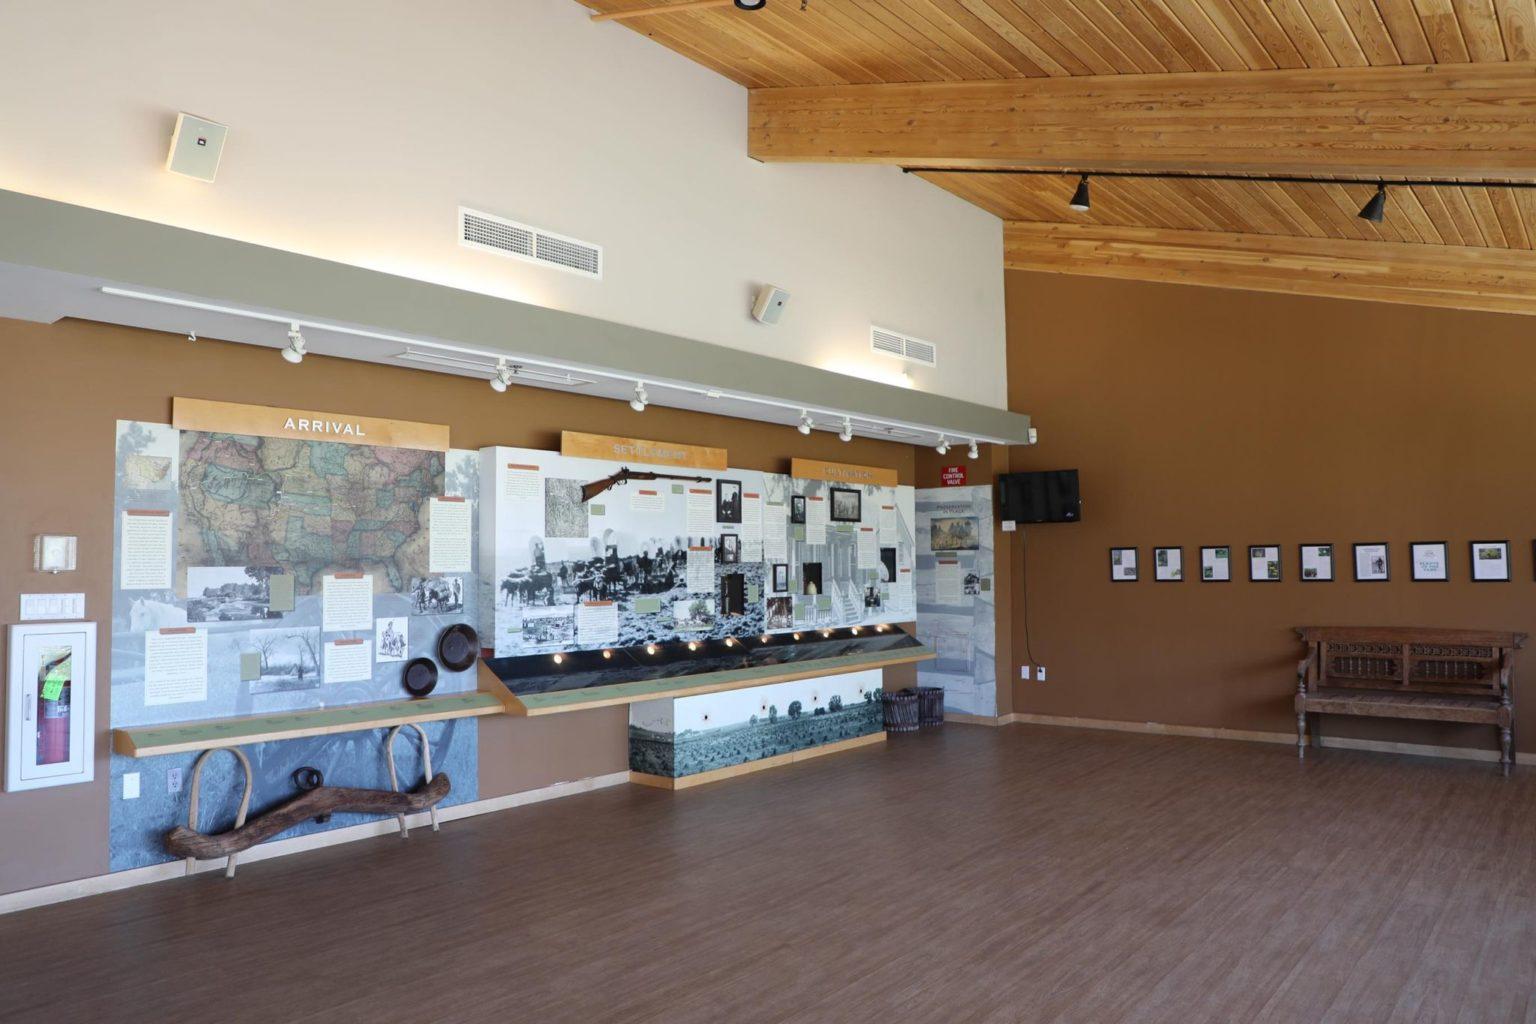 Grant Family Education Center